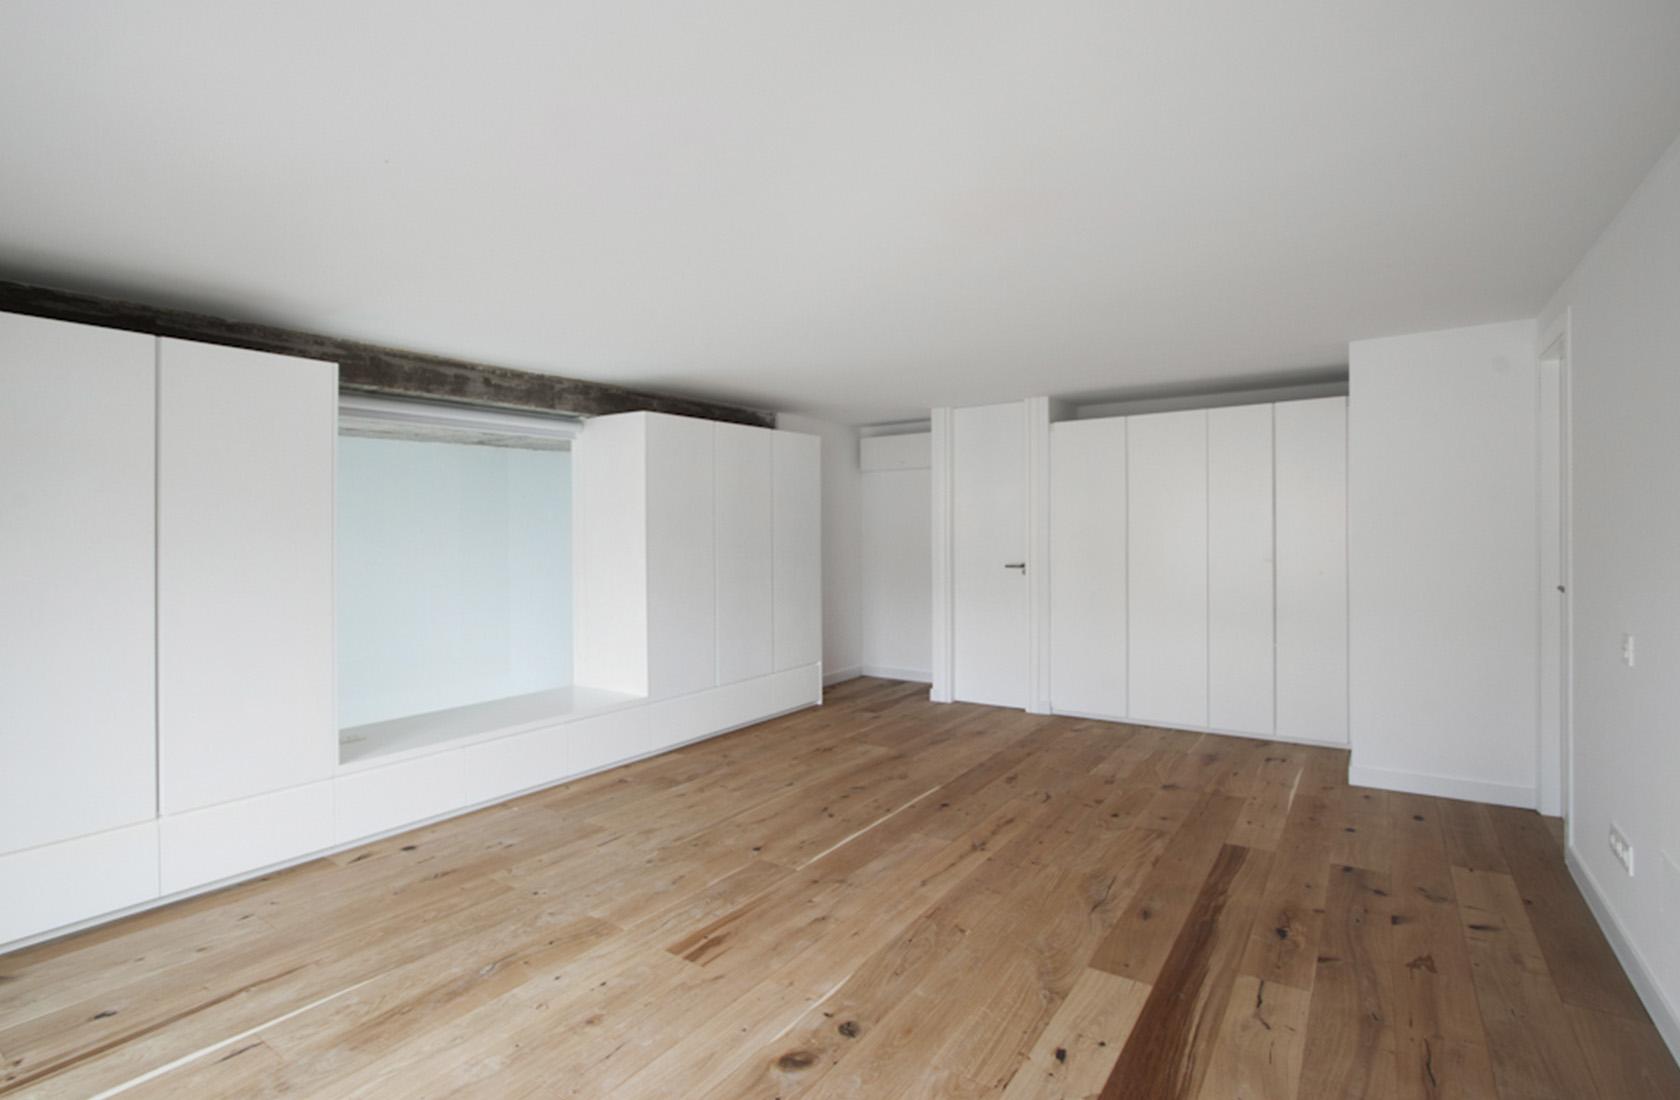 Promocion viviendas aravaca salon 01